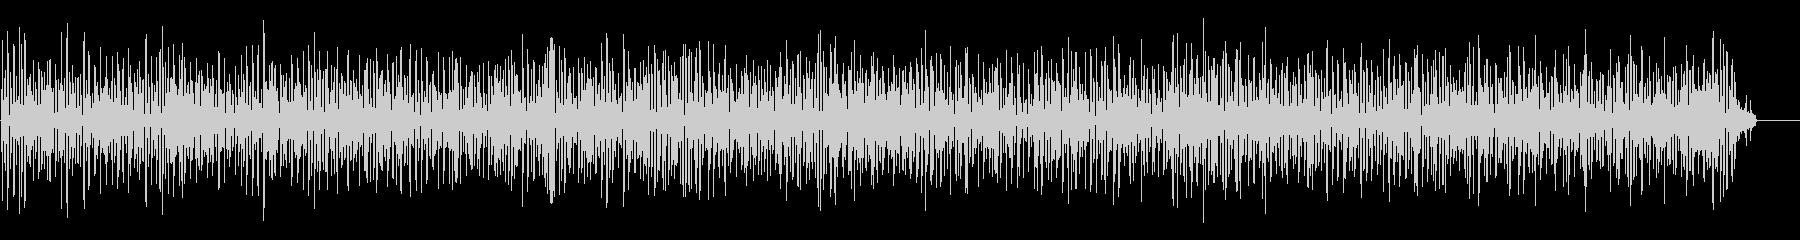 おしゃれで軽やかなアコーディオンジャズの未再生の波形